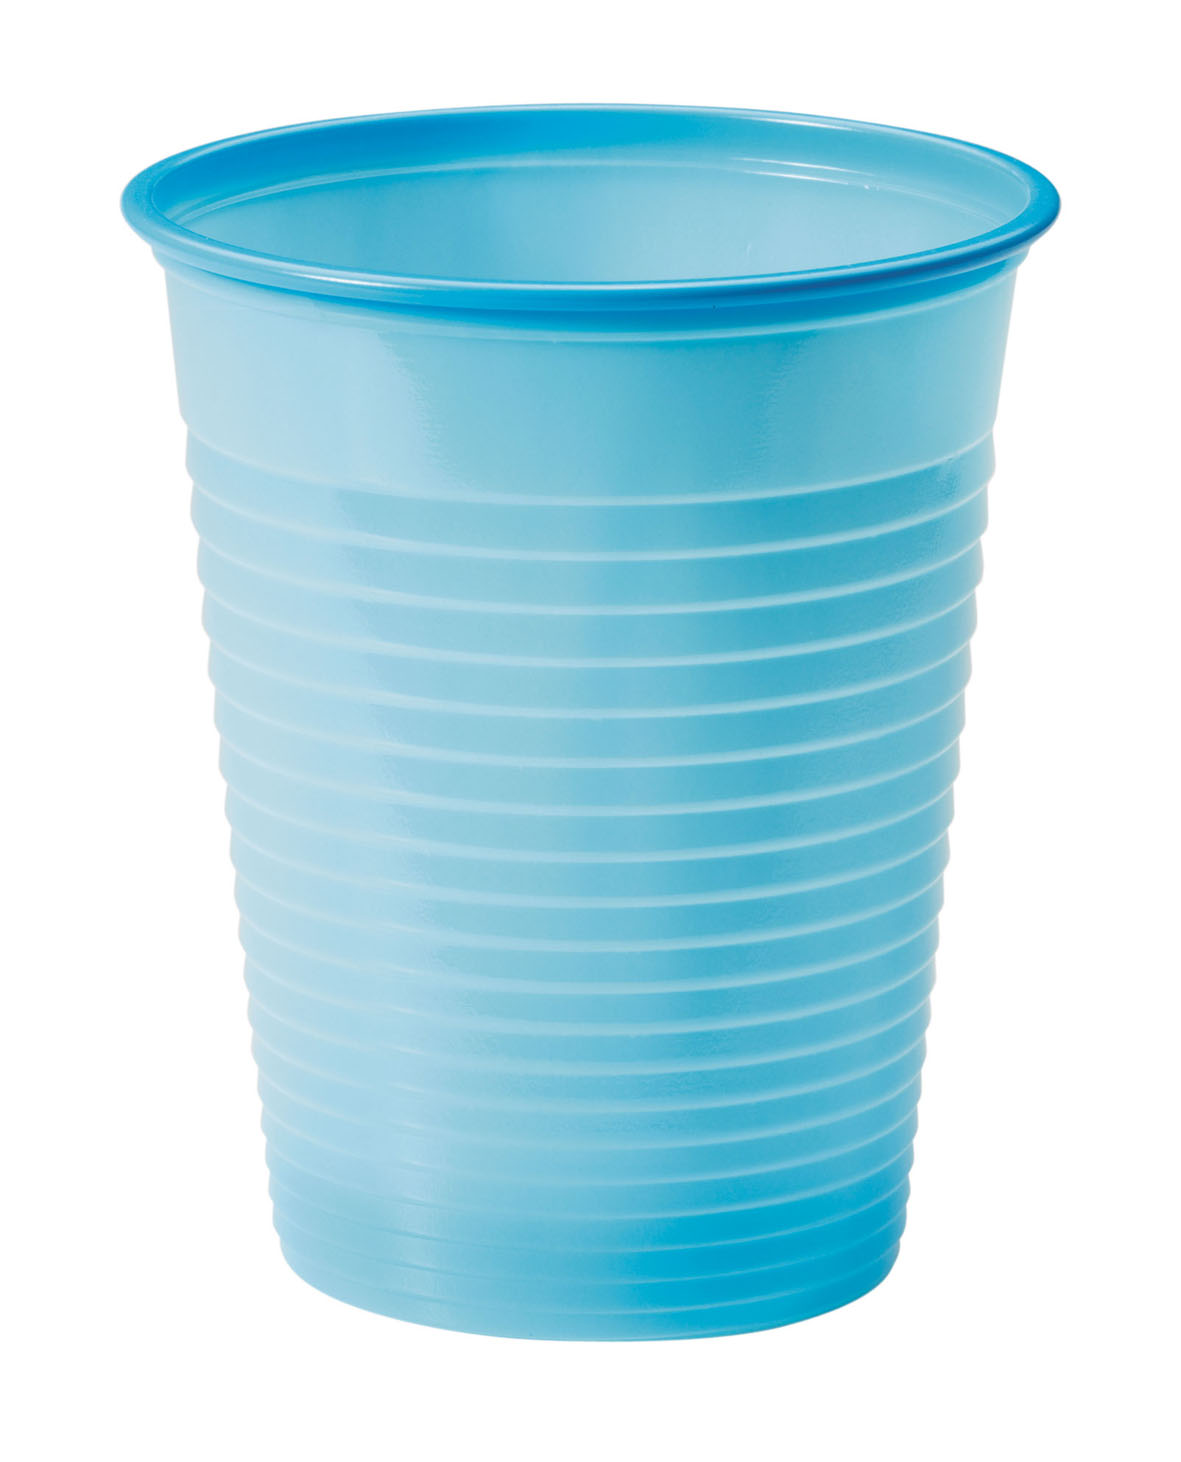 25 gobelets plastique turquoise d coration anniversaire et f tes th me sur vegaoo party - Decoration gobelet plastique ...